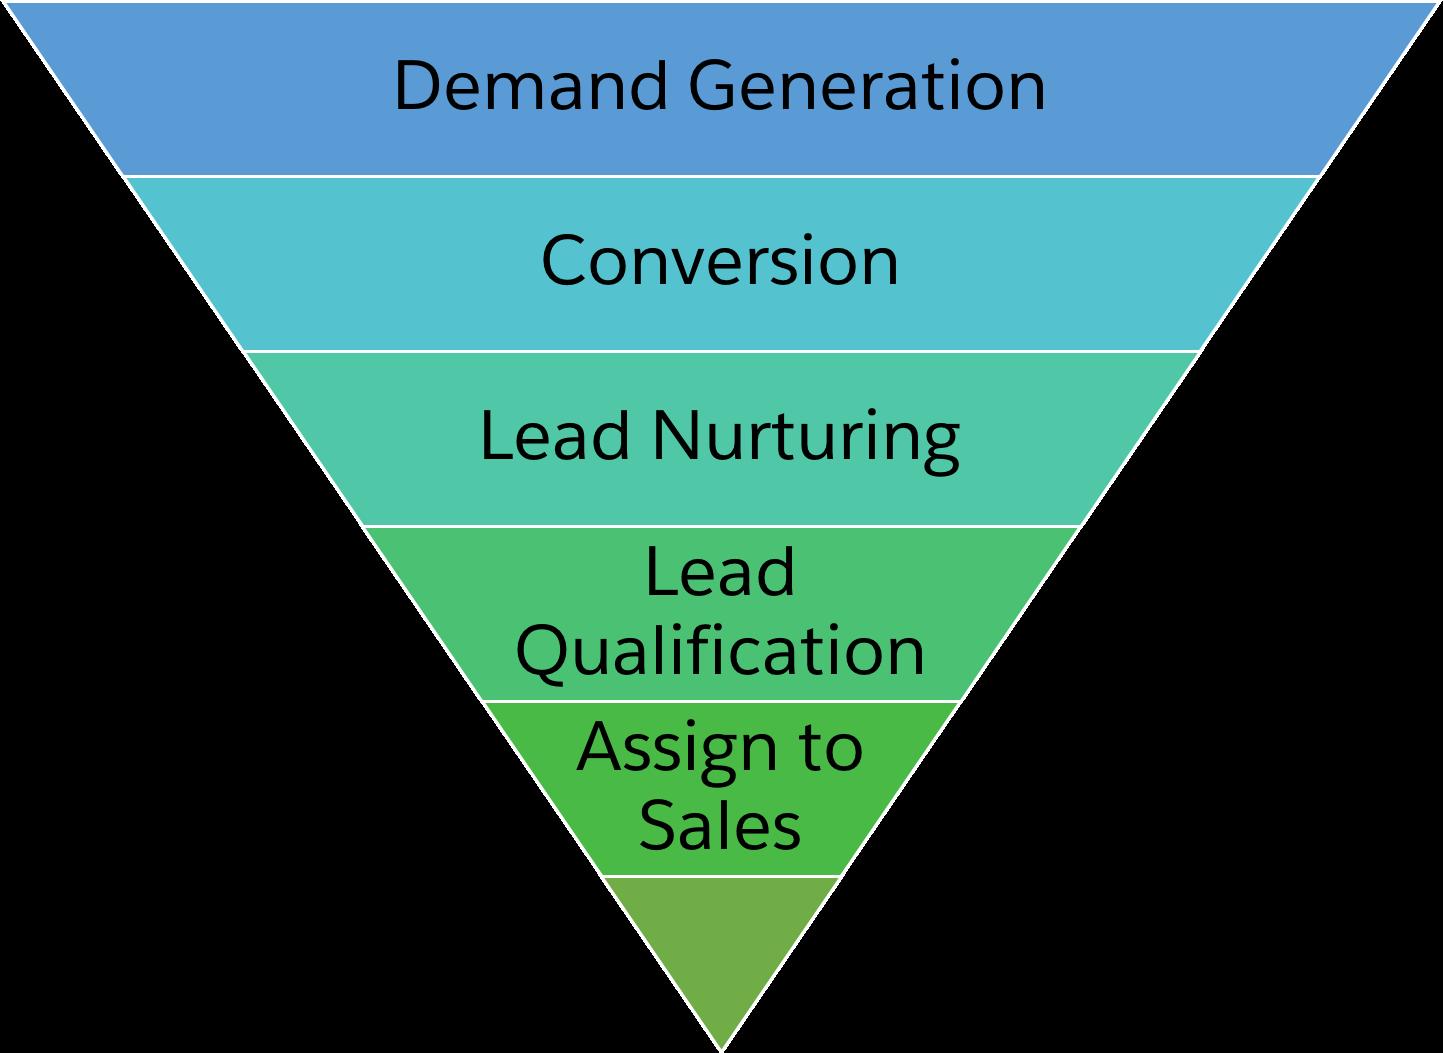 Embudo que muestra la trayectoria habitual de clientes potenciales en Pardot. En la parte más ancha del embudo, está Generación de demanda, que lleva luego a la conversión Consolidación de candidatos, Cualificación de prospectos y la parte más estrecha del embudo es Asignar a ventas.